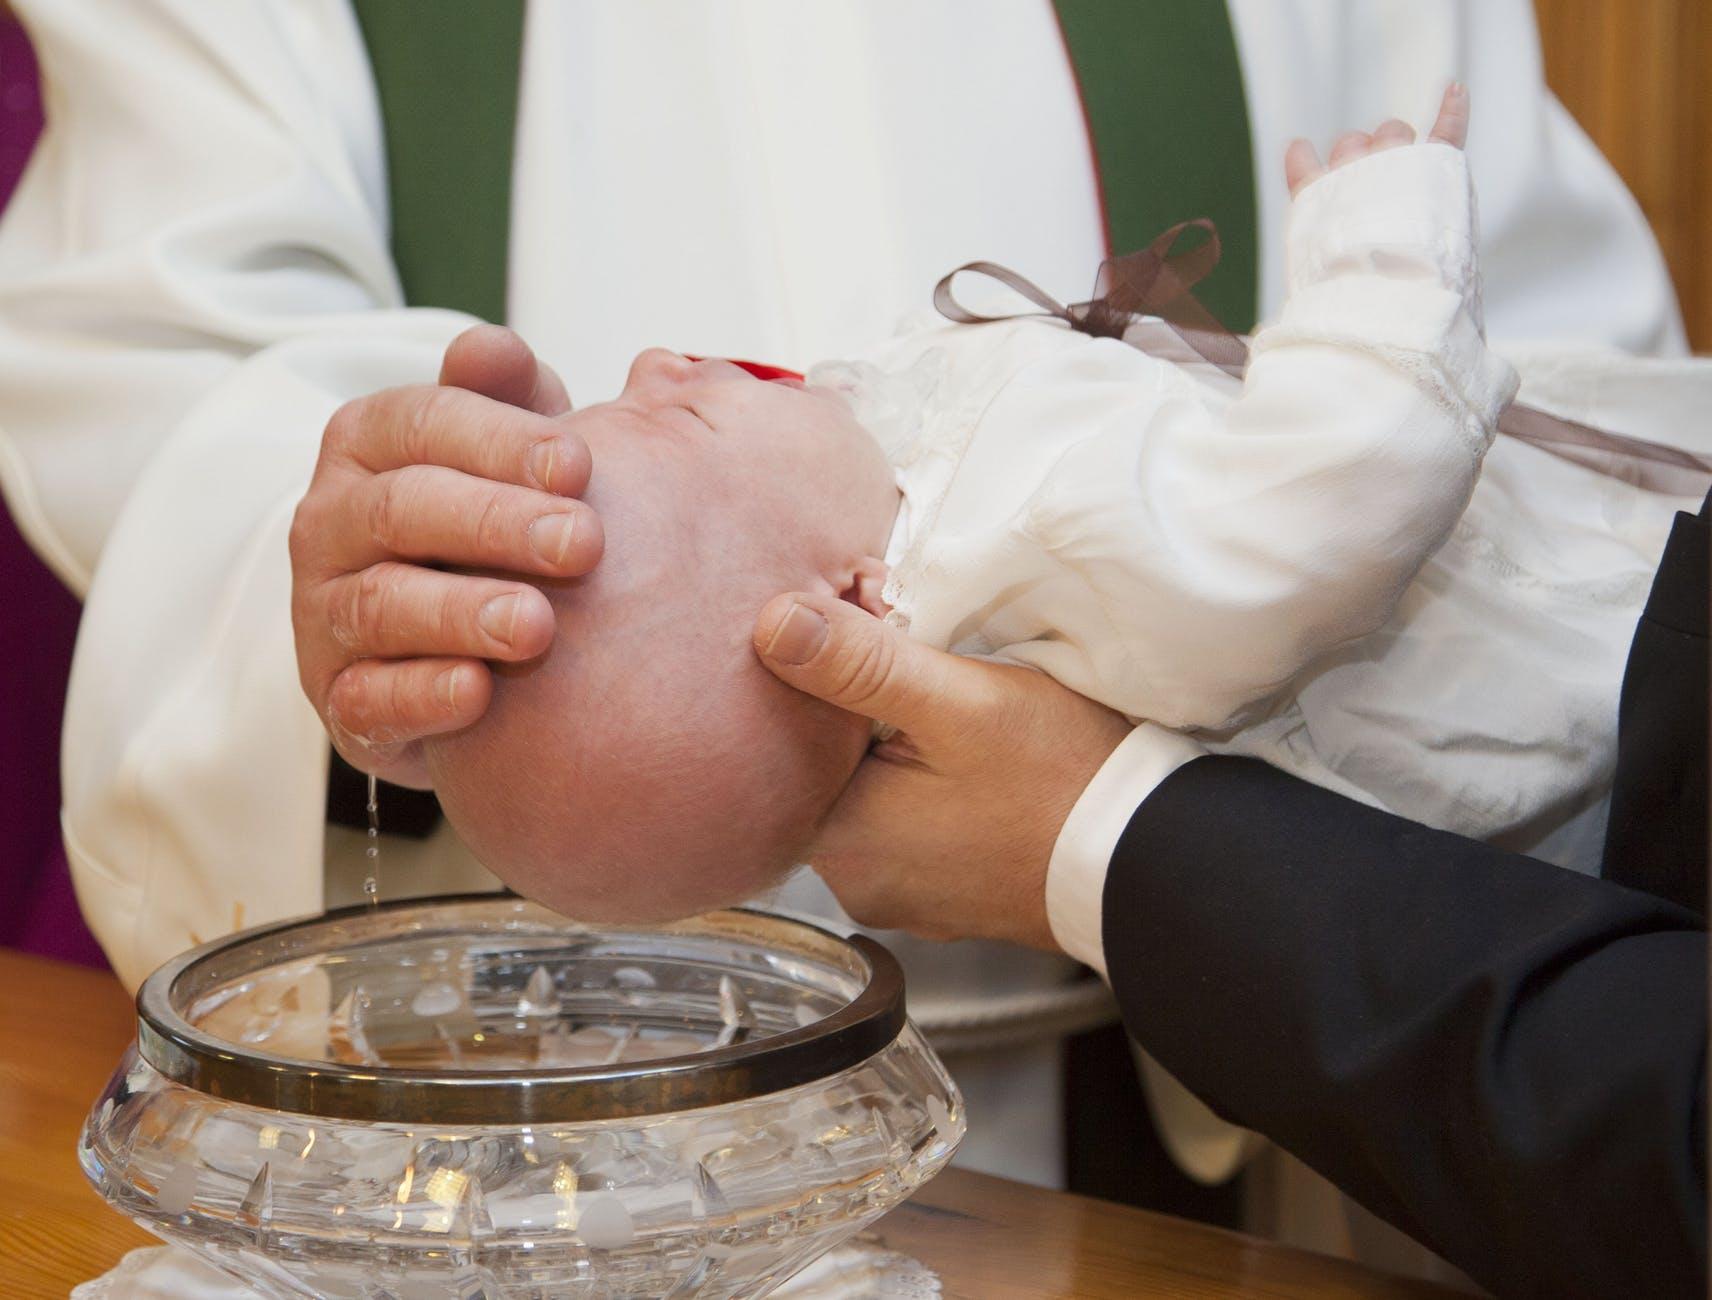 Tydzień przed ślubem Natalia miała zostać chrzestną. Ksiądz z parafii nie chciał do tego dopuścić